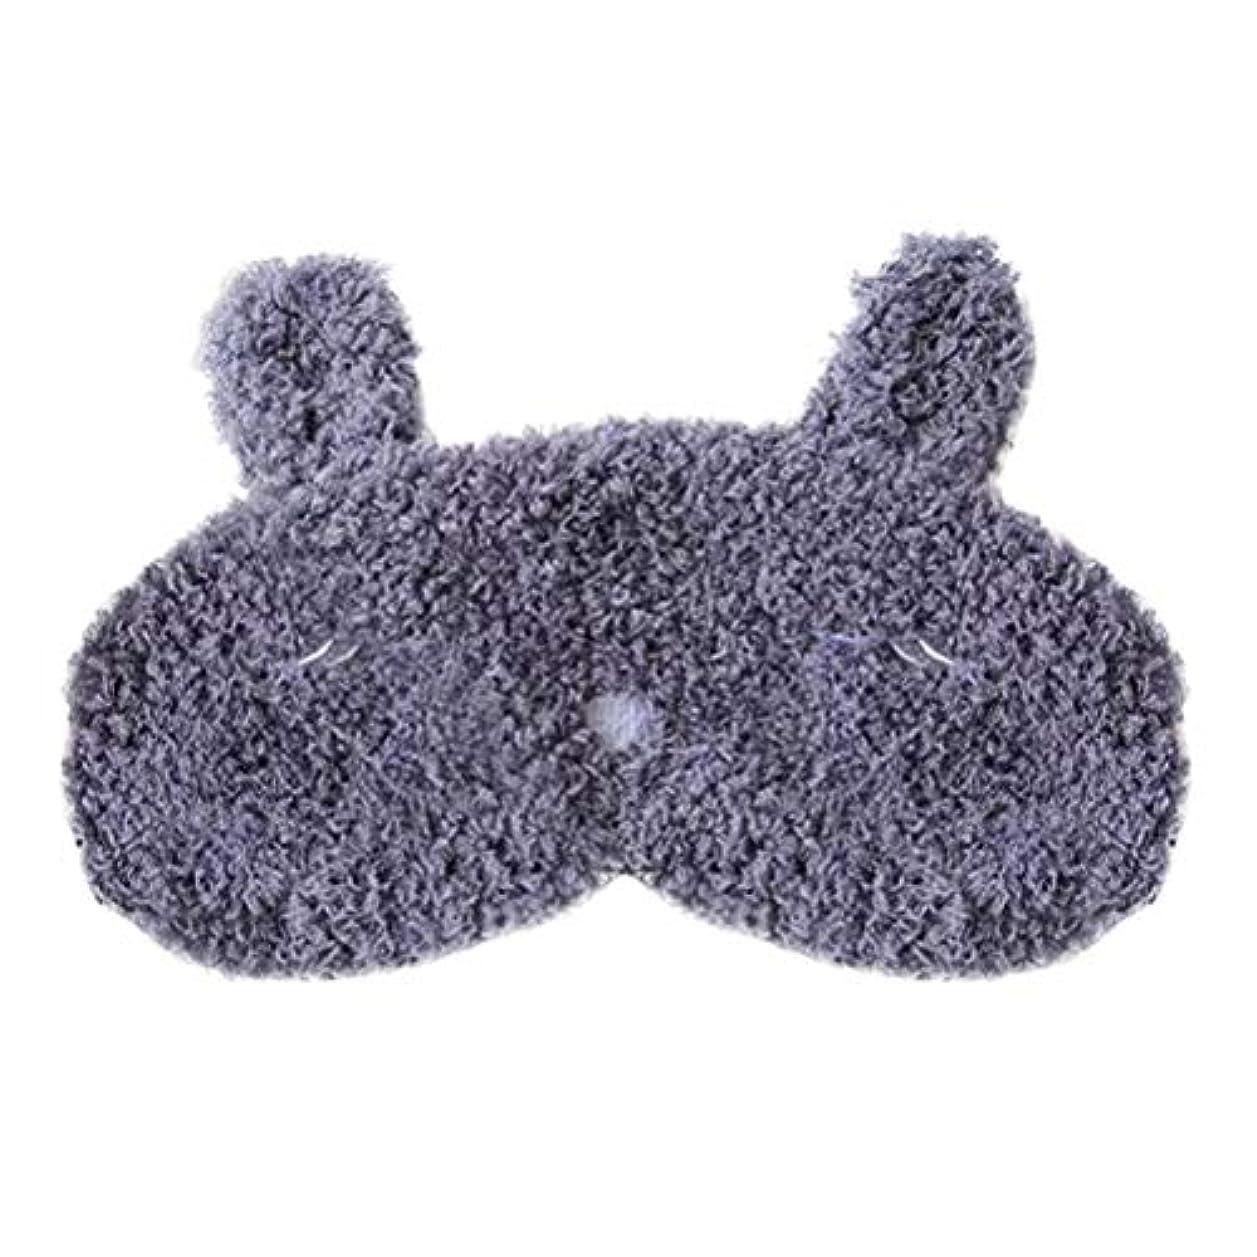 一般的に言えばファランクスセメントHEALIFTY かわいいアイマスクアイシェッドカーネーションアイマスクウサギのキャットアイパッチ(睡眠ニップ(ネイビー)